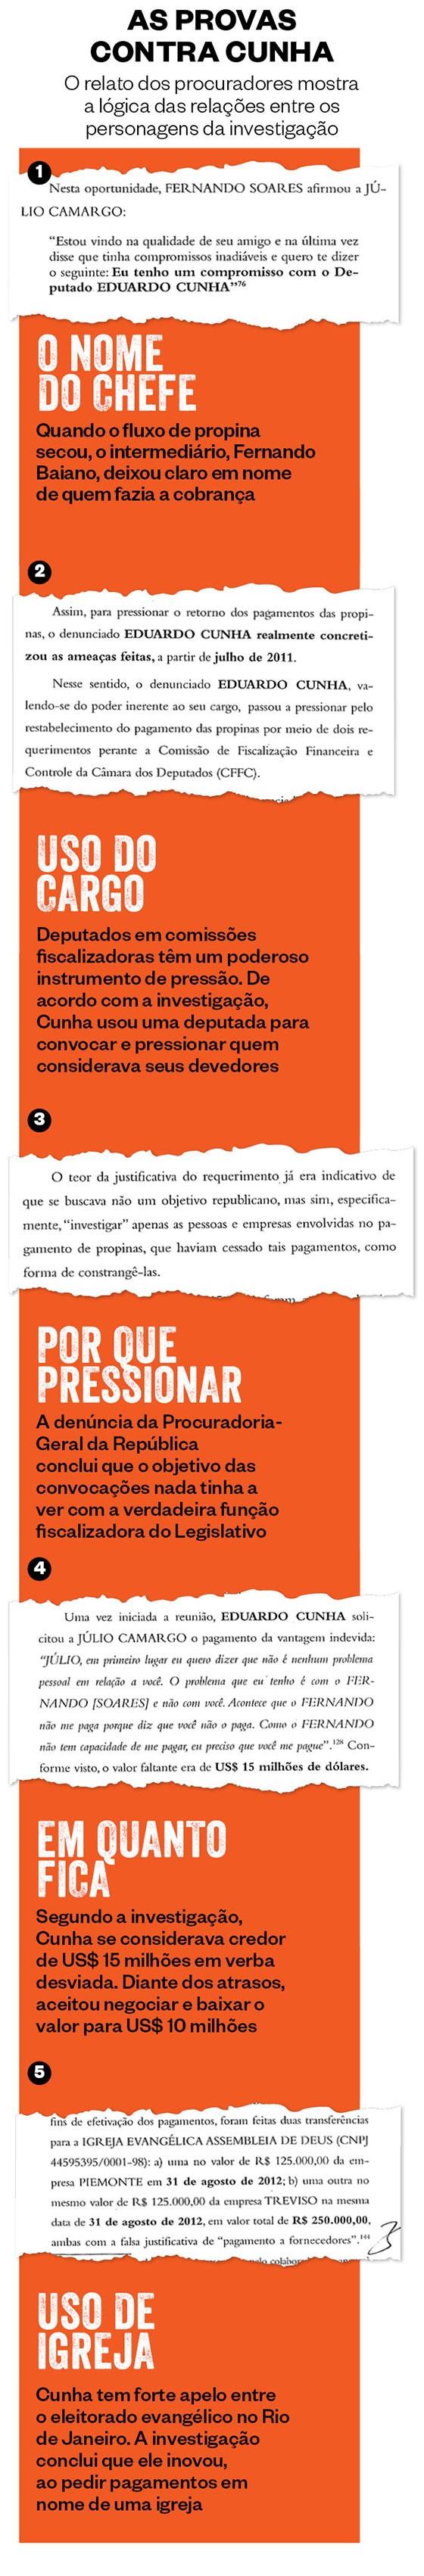 As provas contra Cunha  (Foto: Reprodução)